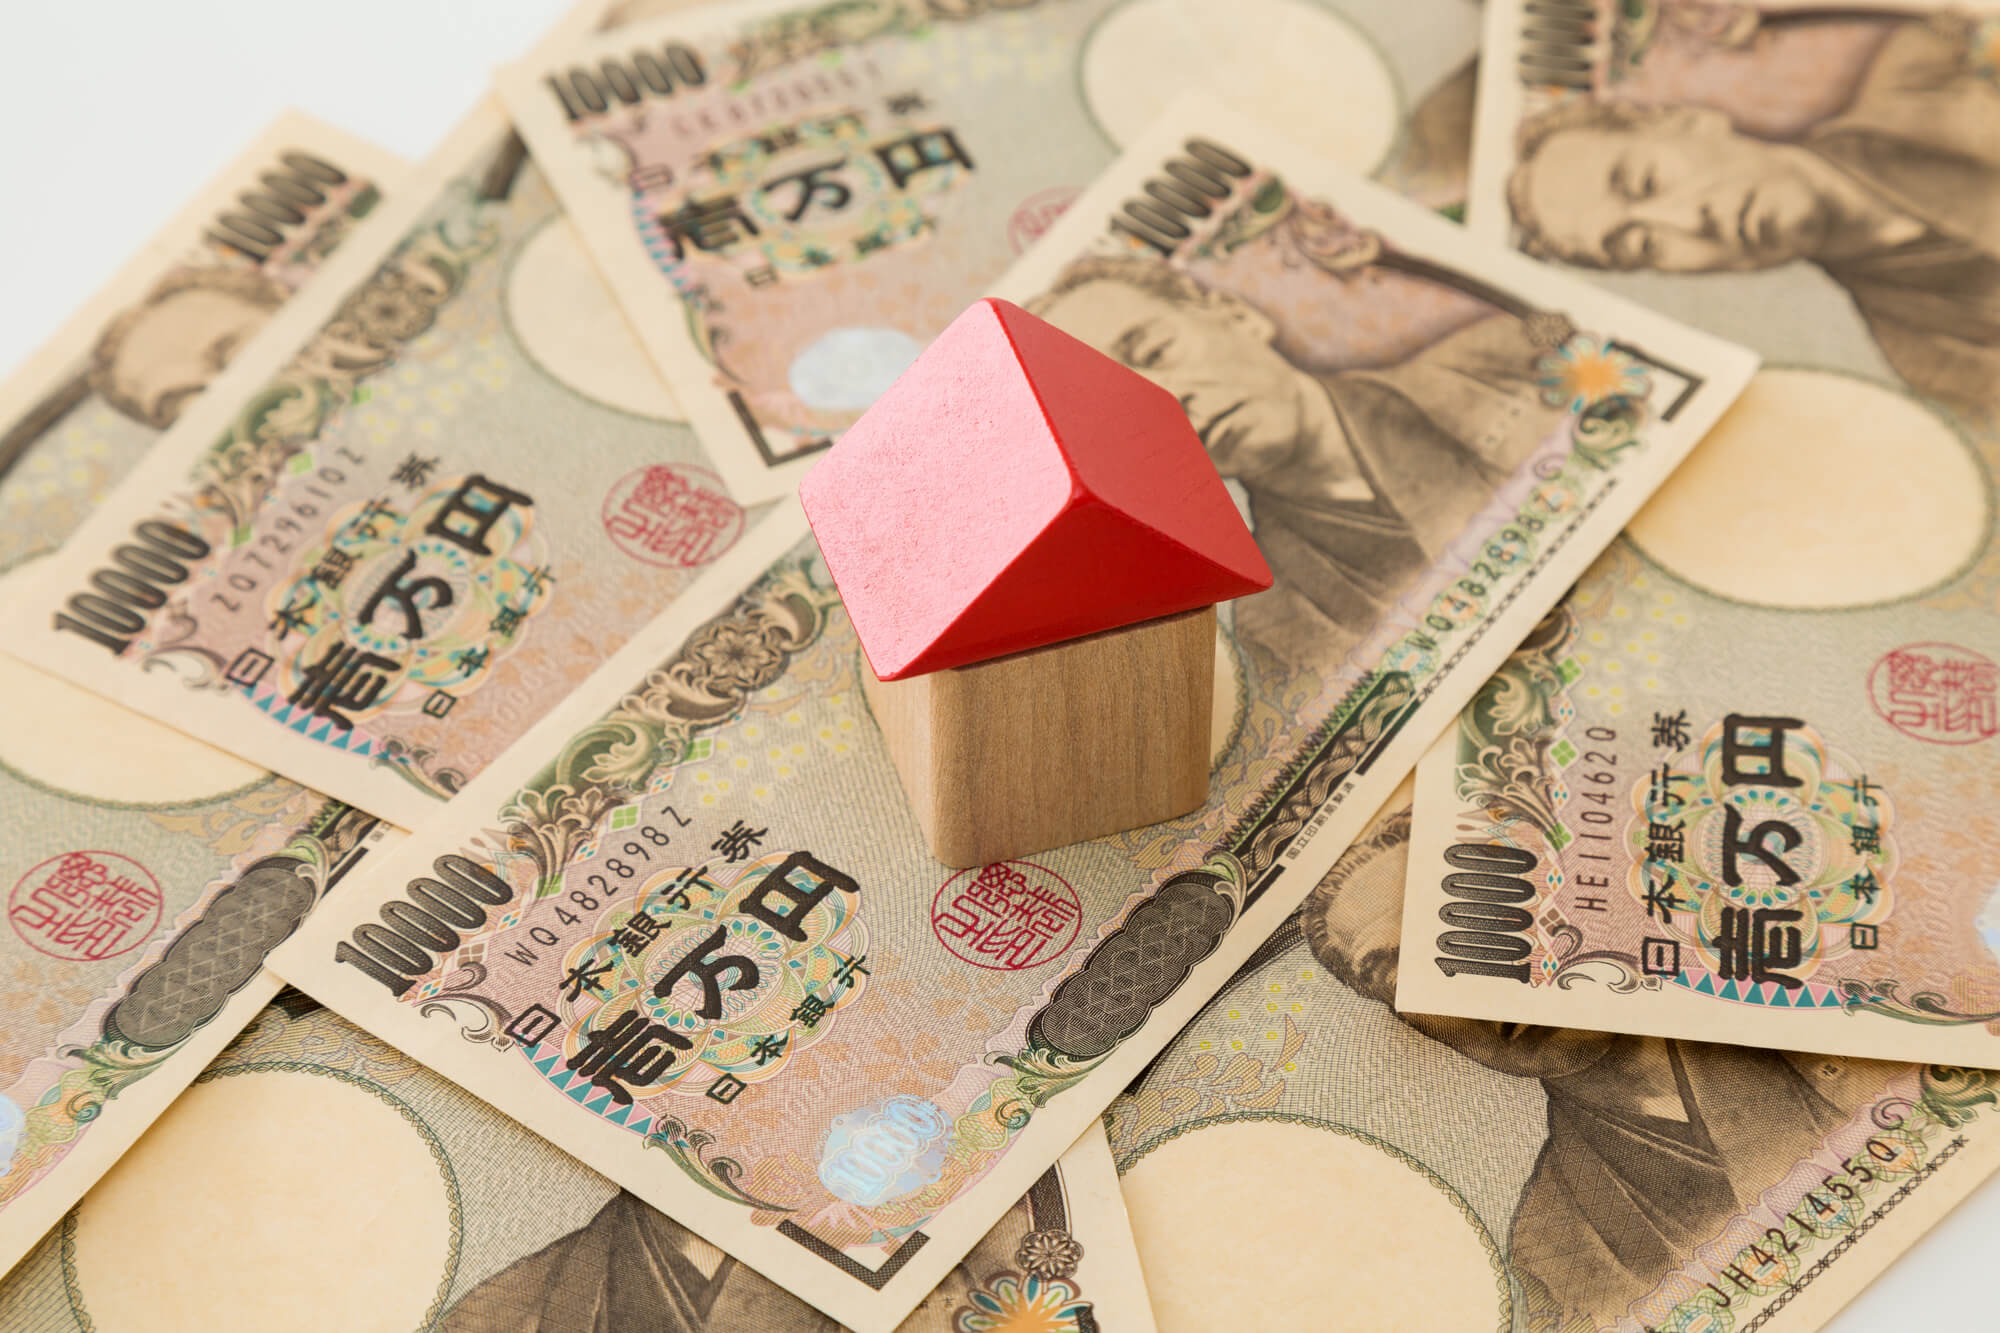 不動産投資の初期費用はいくらか? 失敗しないために押さえておきたい基礎知識